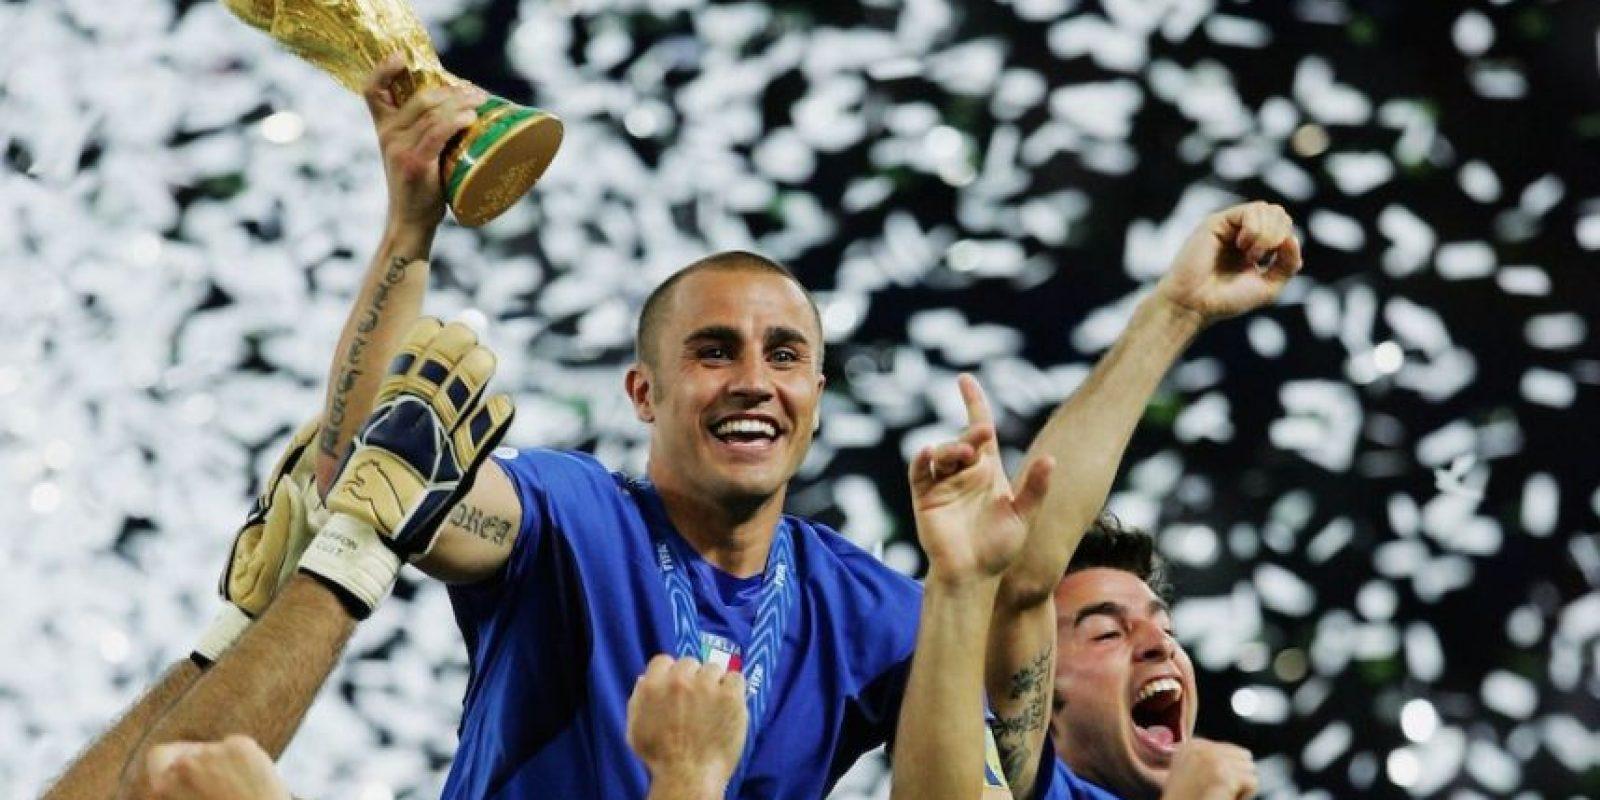 Fabio había roto un cordón policial para entrar de forma ilegal a su hogar. Foto:Getty Images